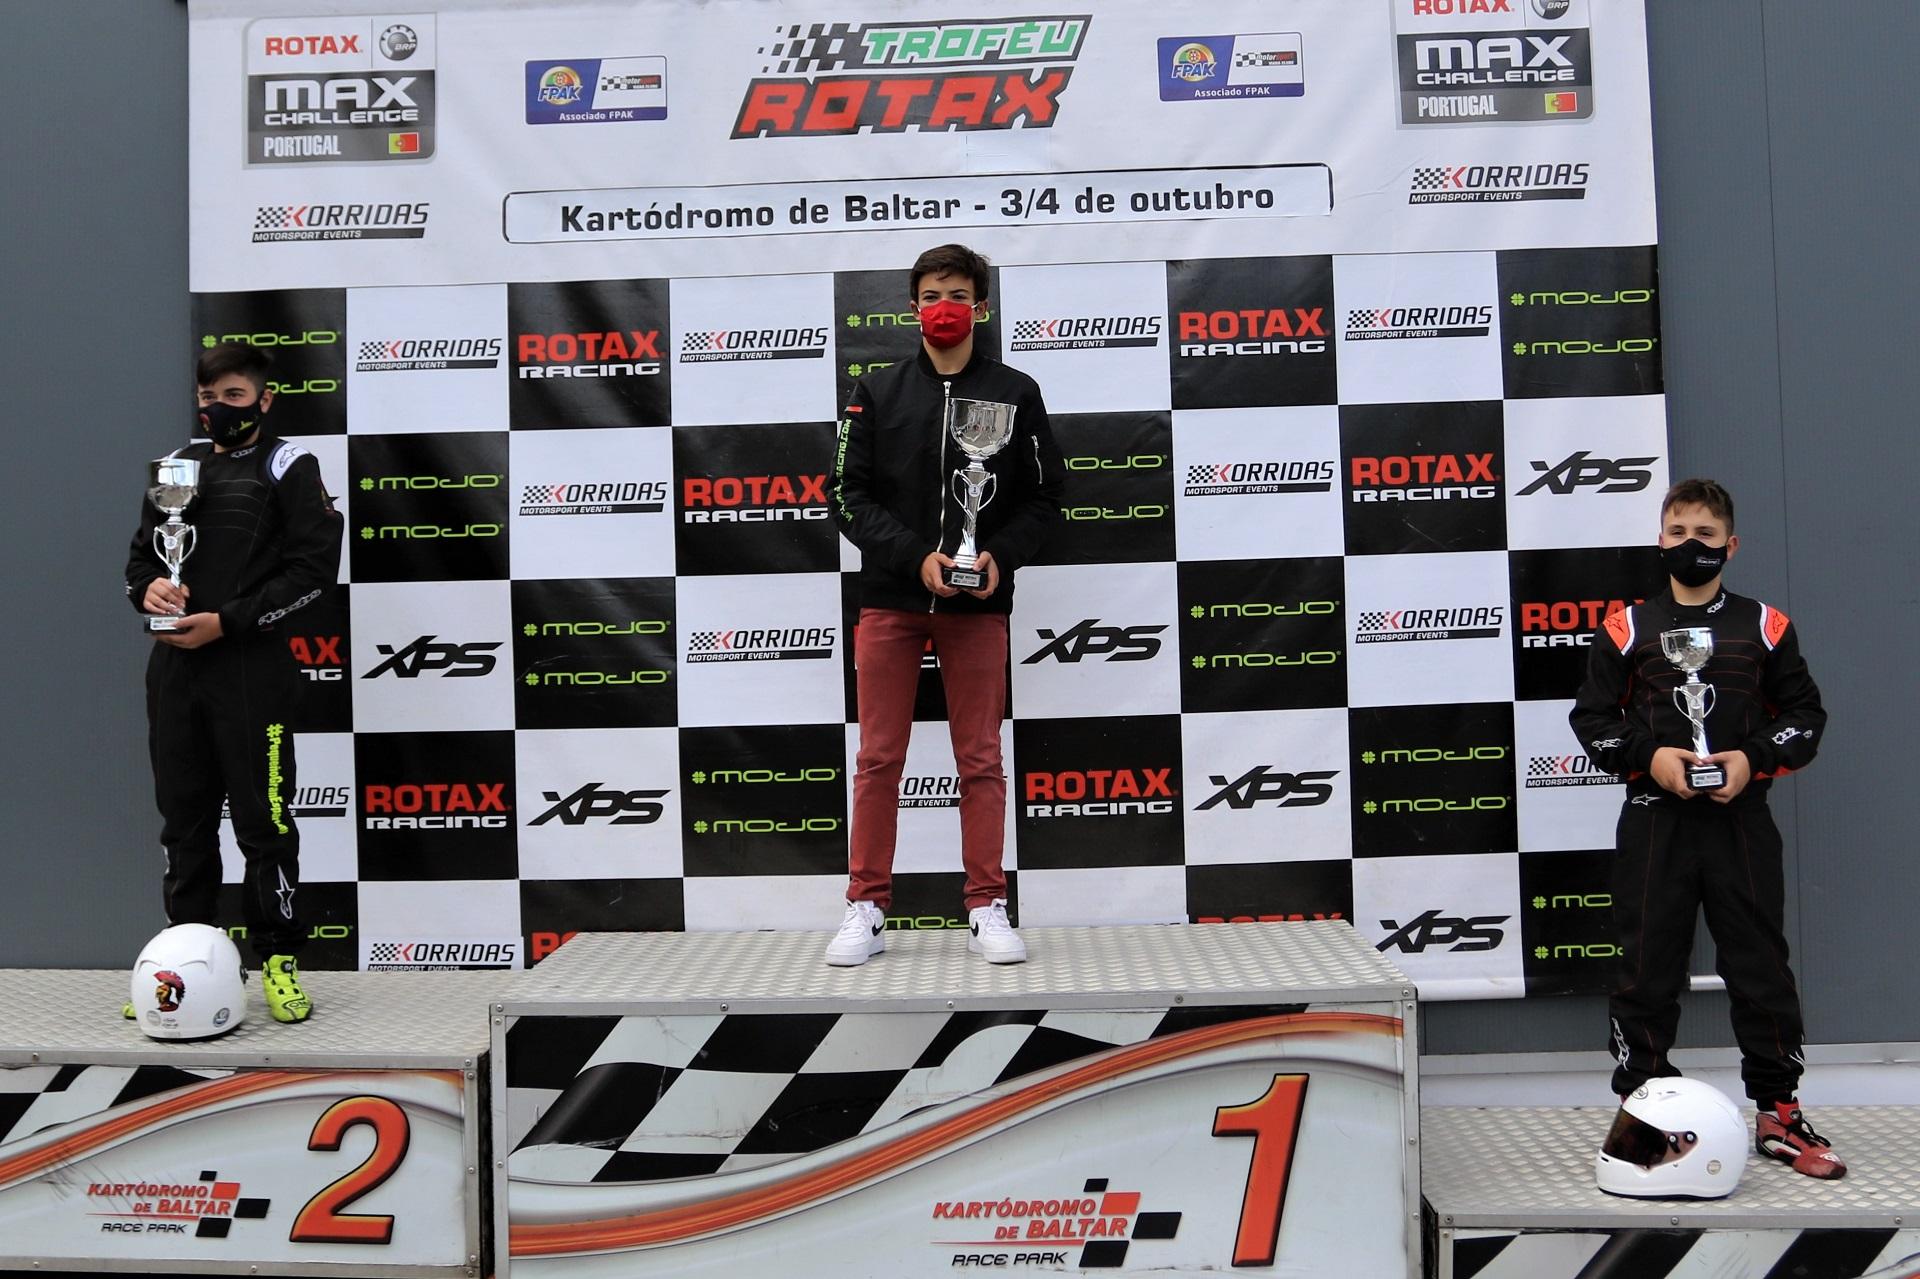 Duarte Pinto Coelho entra a vencer na quarta jornada dupla do Troféu Rotax Júnior